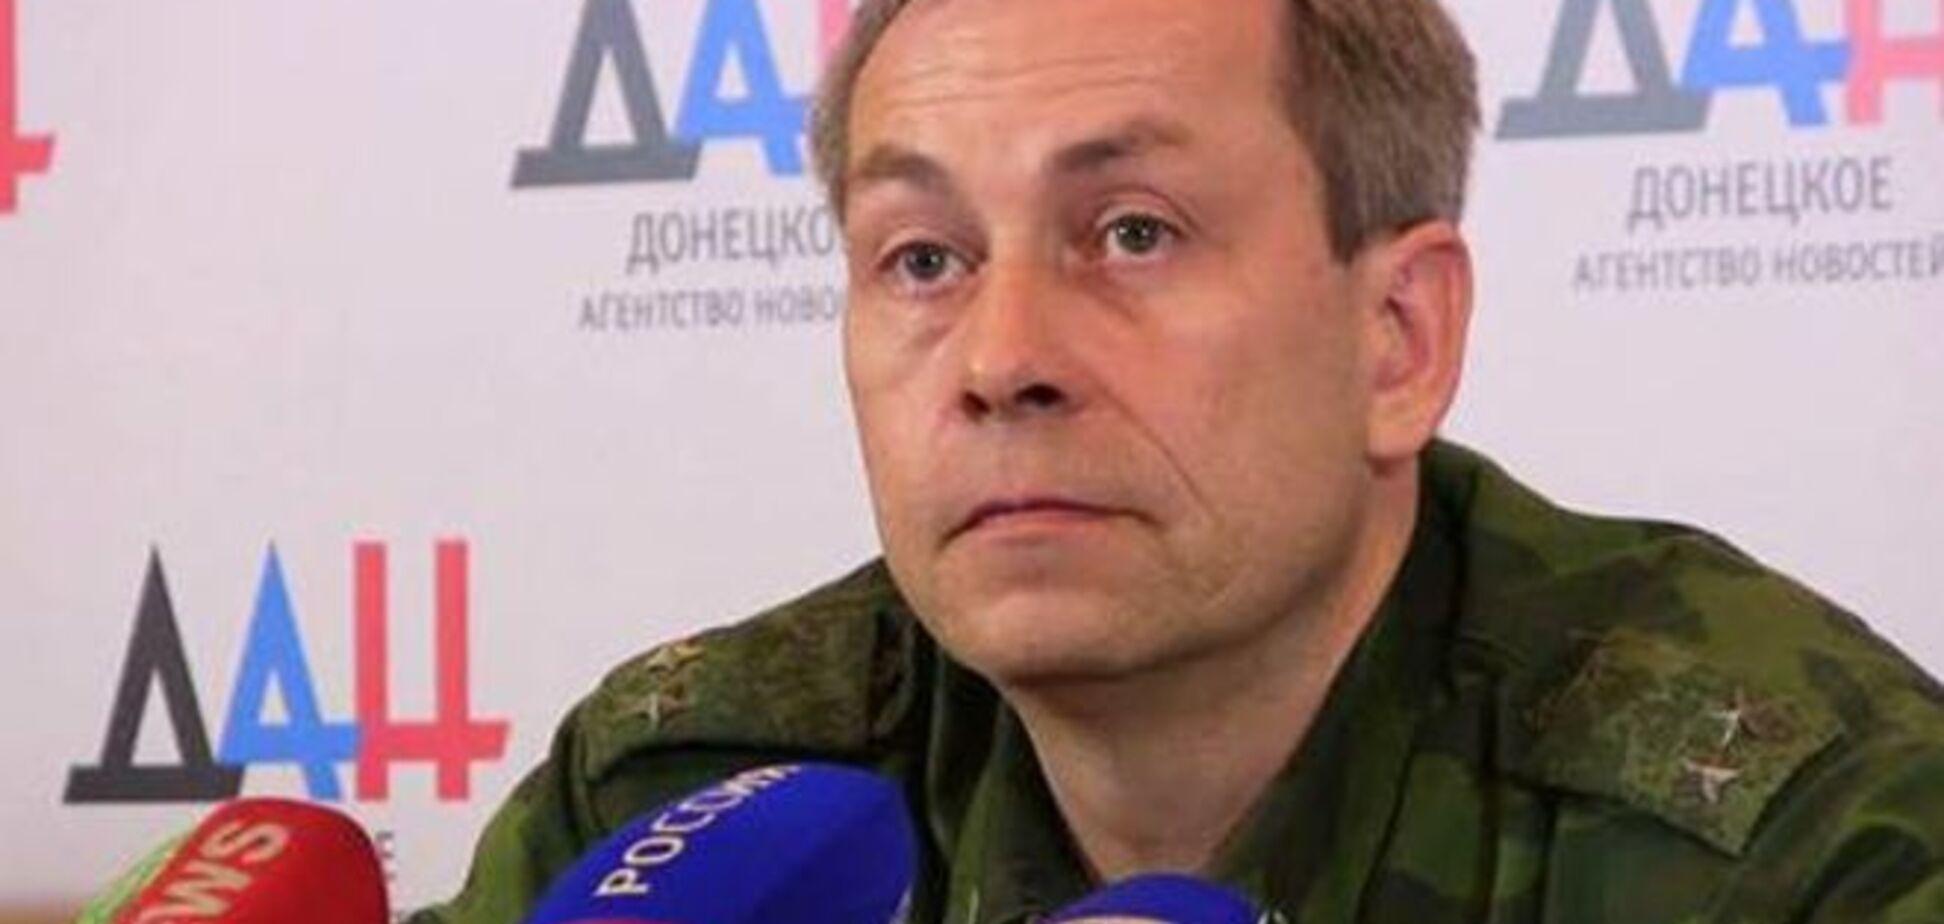 Террористы о технике сил АТО: 'Волги'-бомбы на лазерном управлении